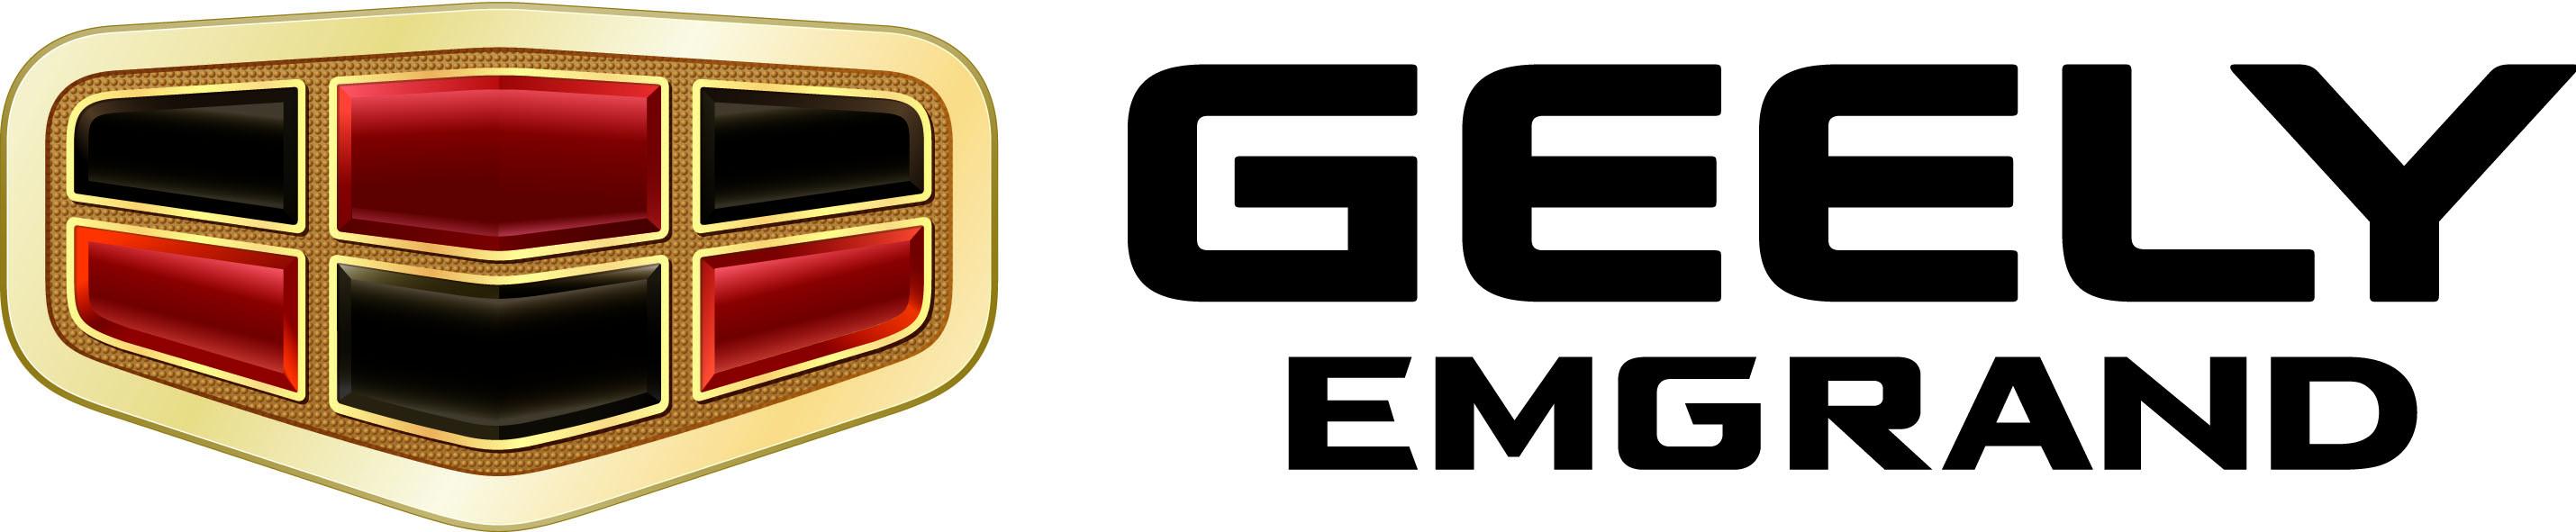 GEELY_EMGRAND_2_CMYK300